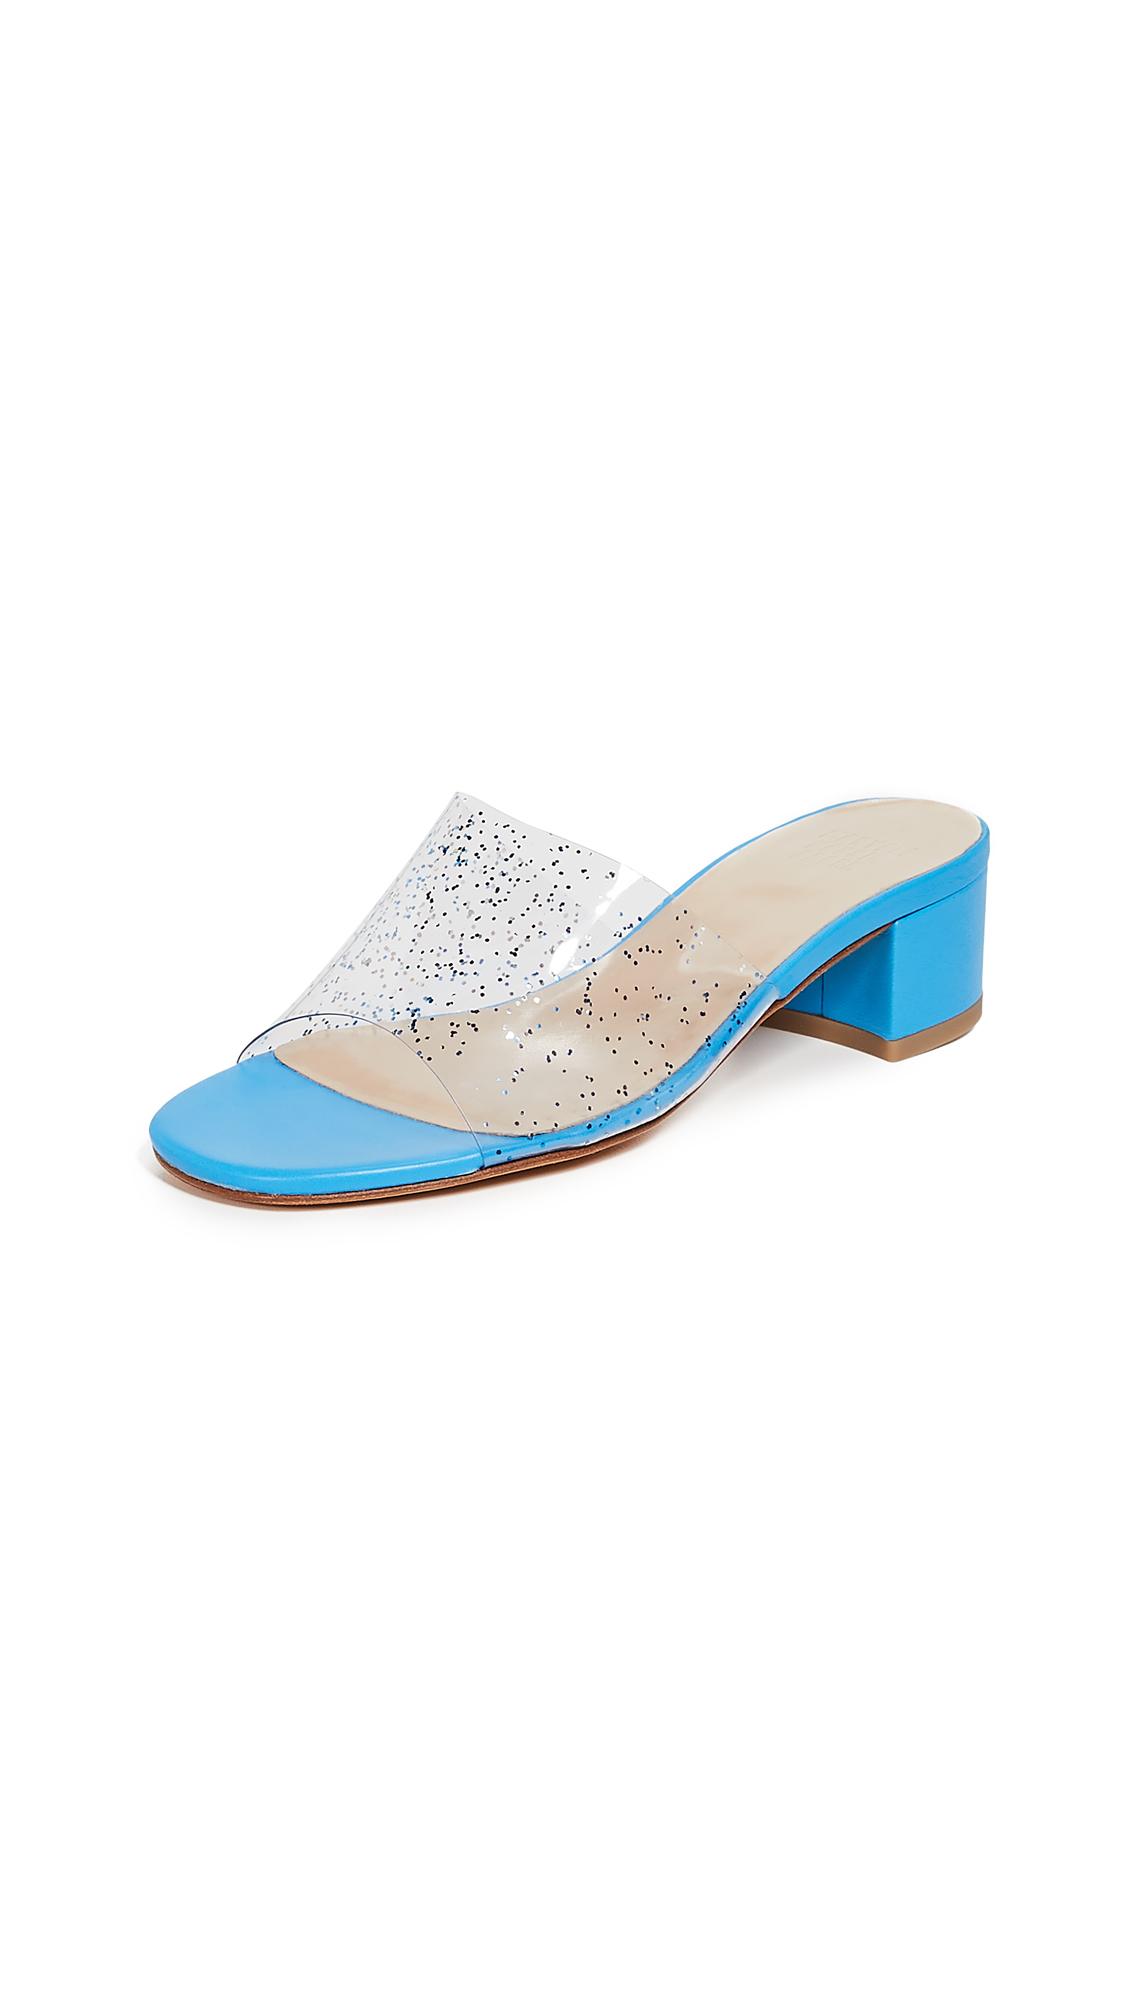 Maryam Nassir Zadeh Sophie Slide Sandals - Blue Sparkle